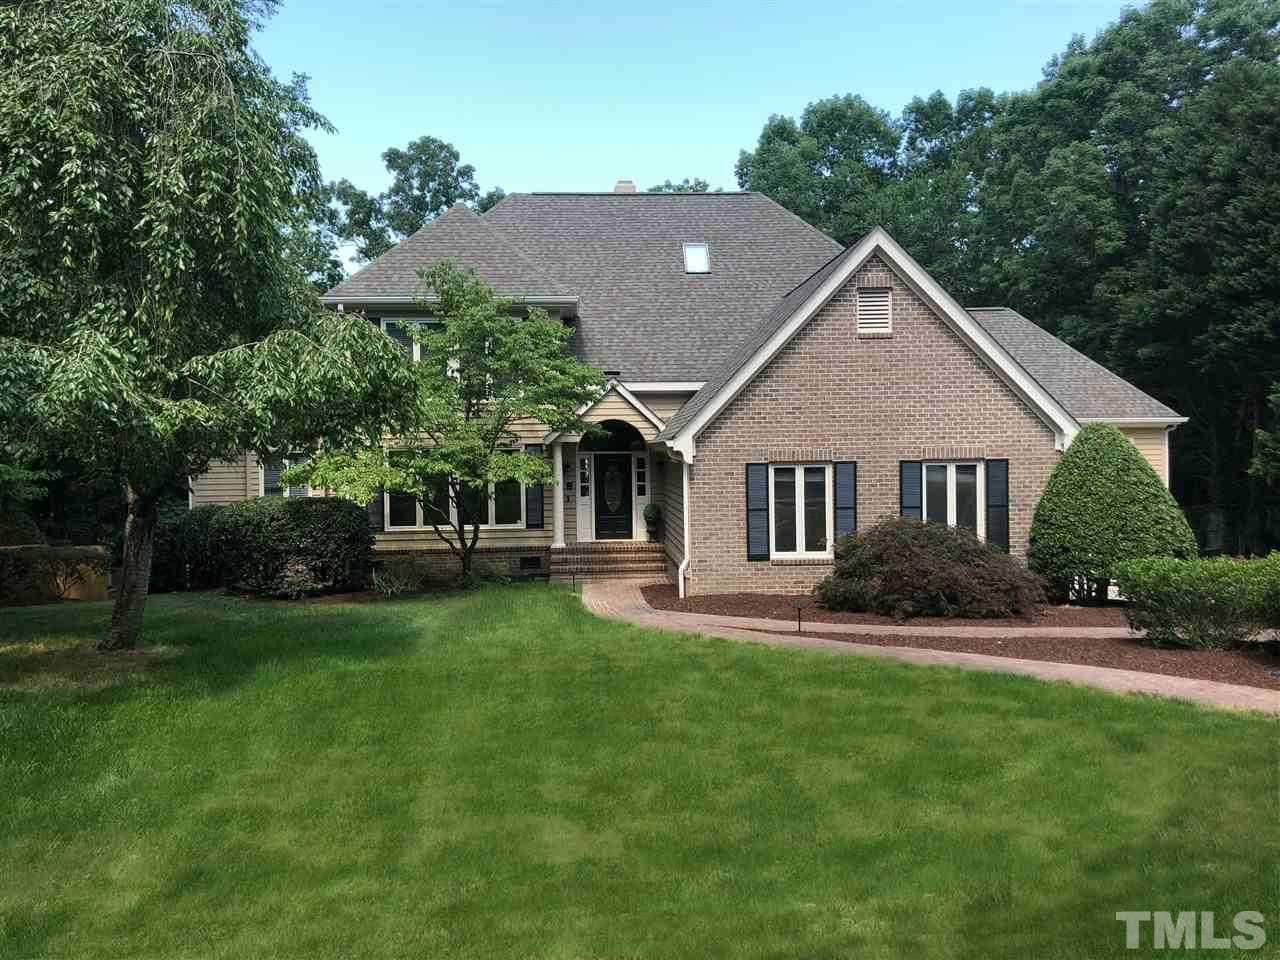 $1,195,000 - 5Br/5Ba -  for Sale in The Oaks, Chapel Hill